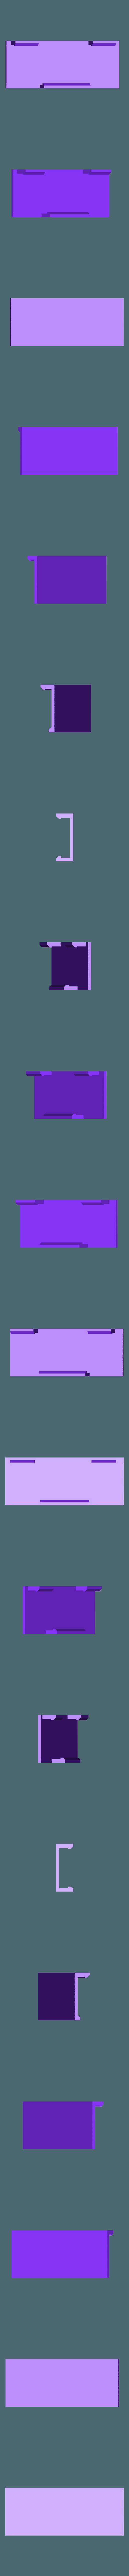 pearl_rack_plate.stl Télécharger fichier STL gratuit Assiette Pearl Rack • Design à imprimer en 3D, yearzero